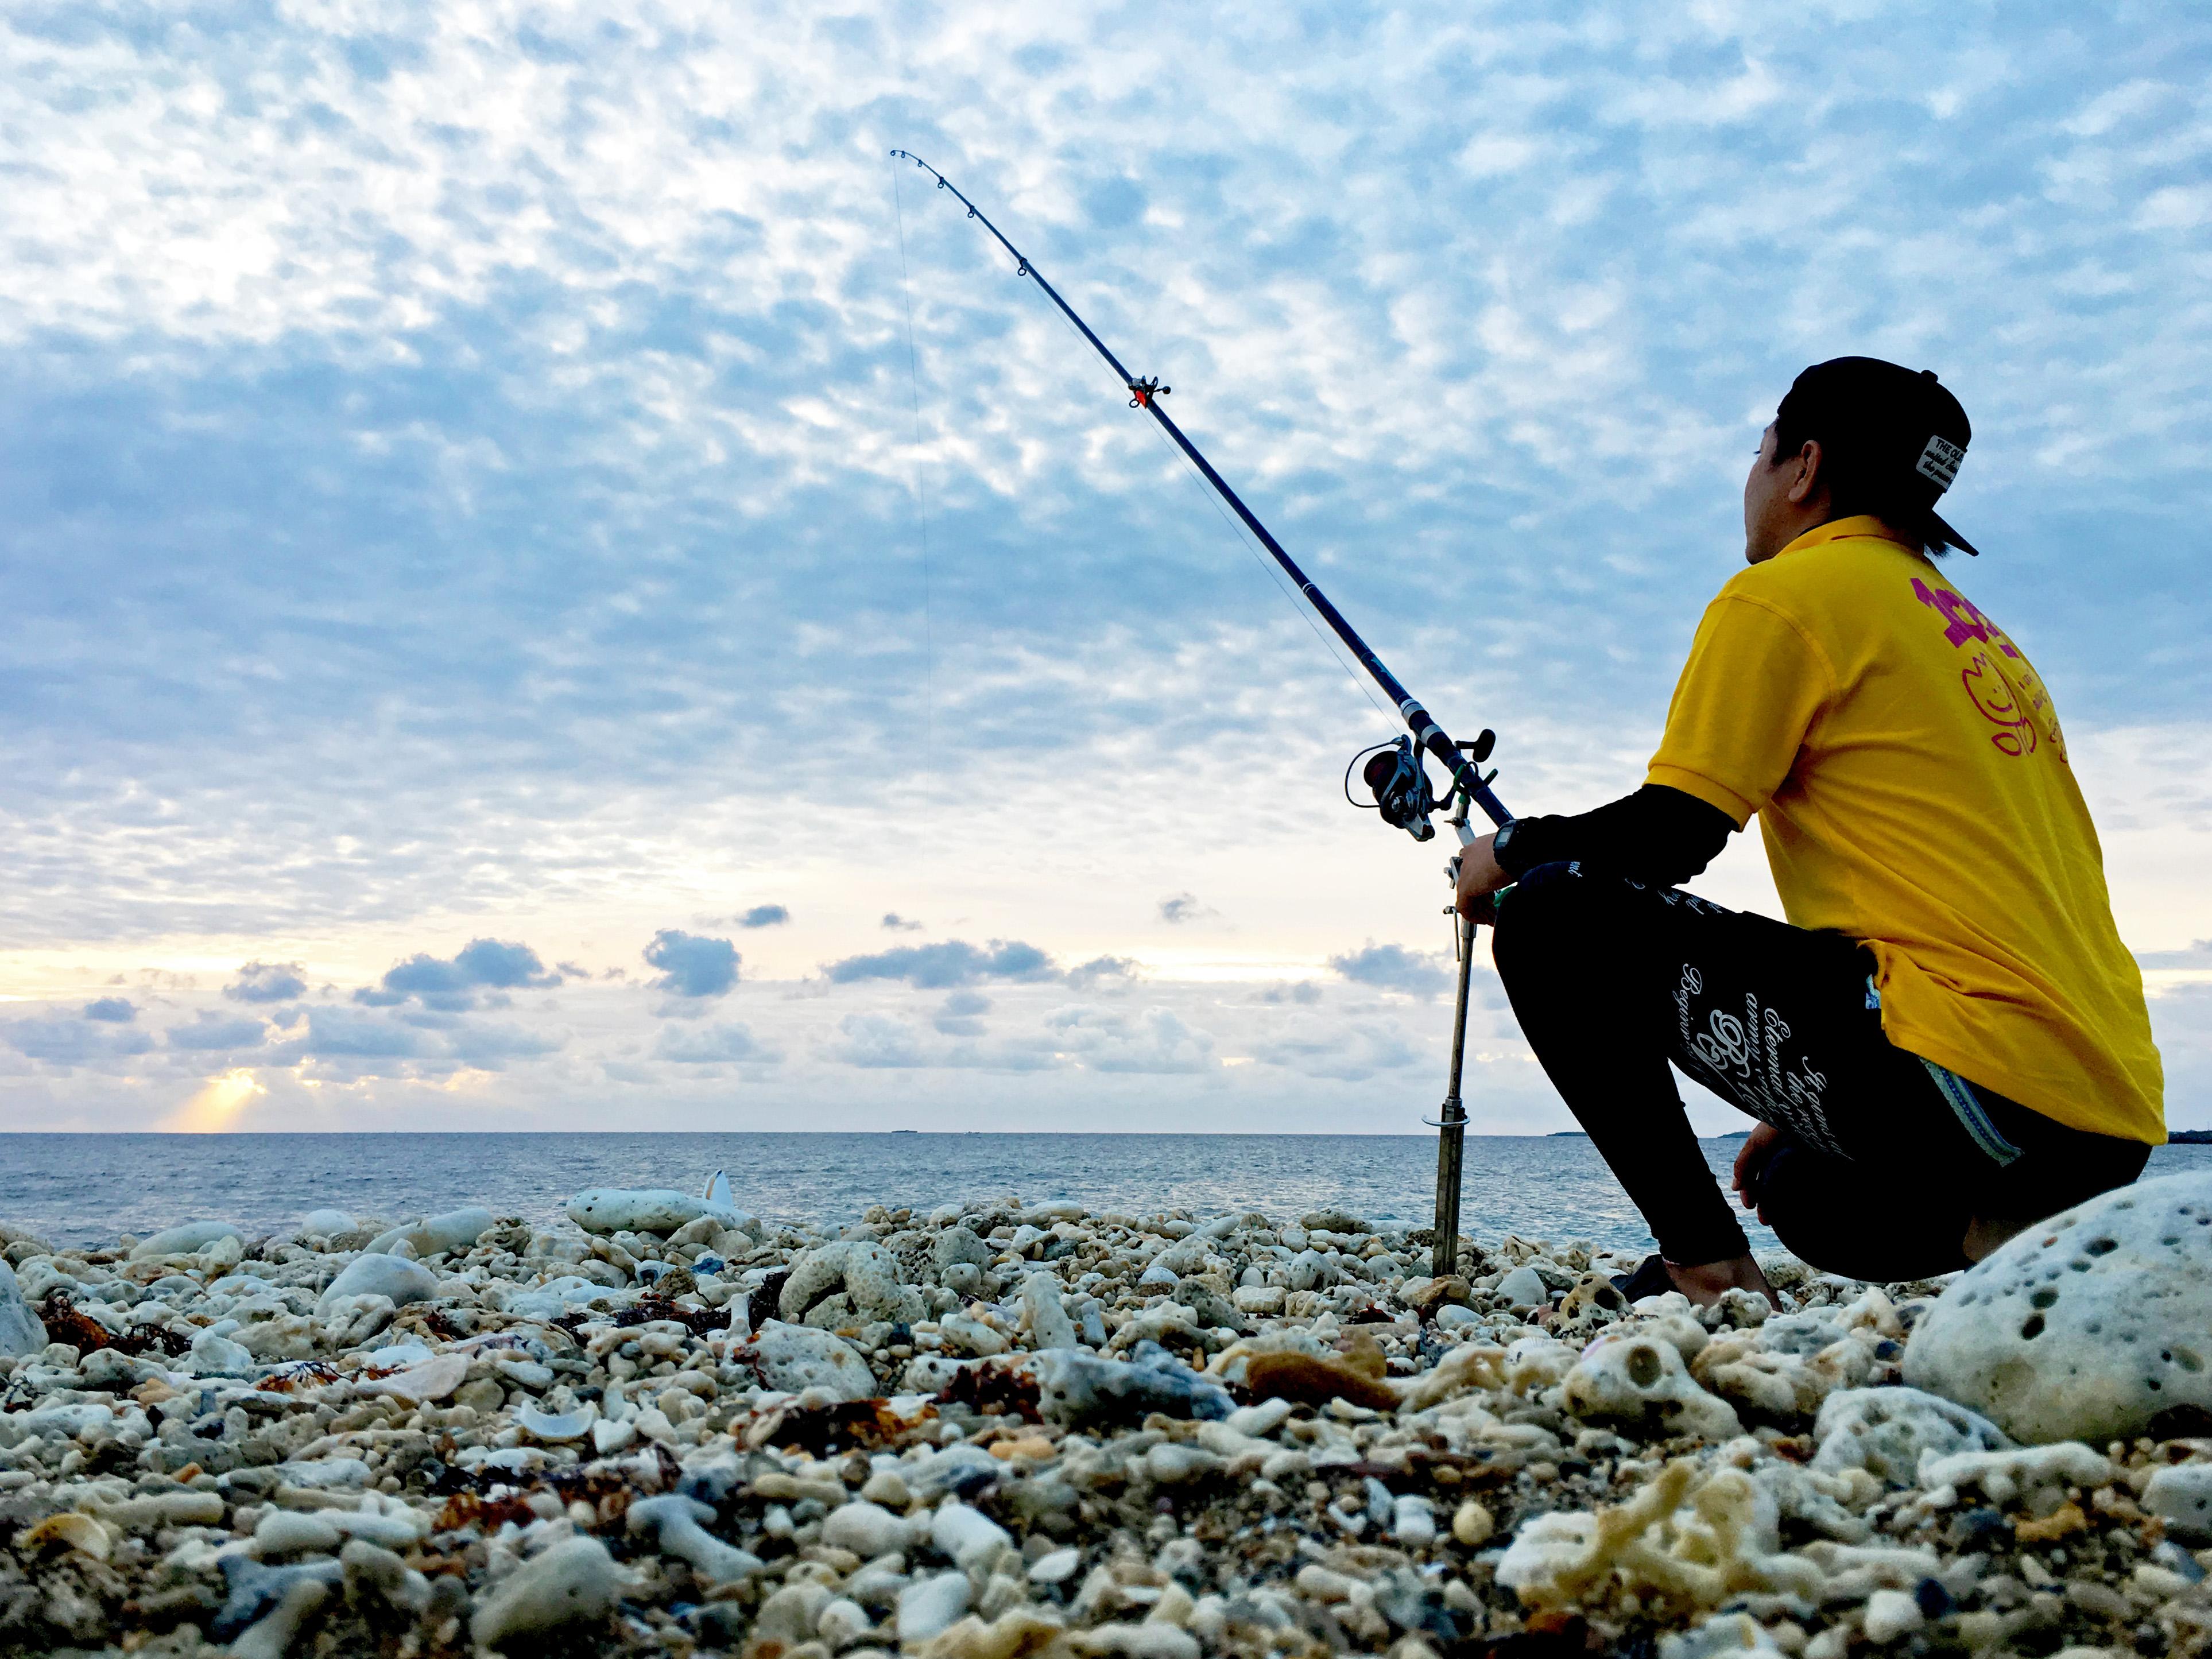 アウトドア好き、釣り好きが愛用する釣り、フィッシング用品